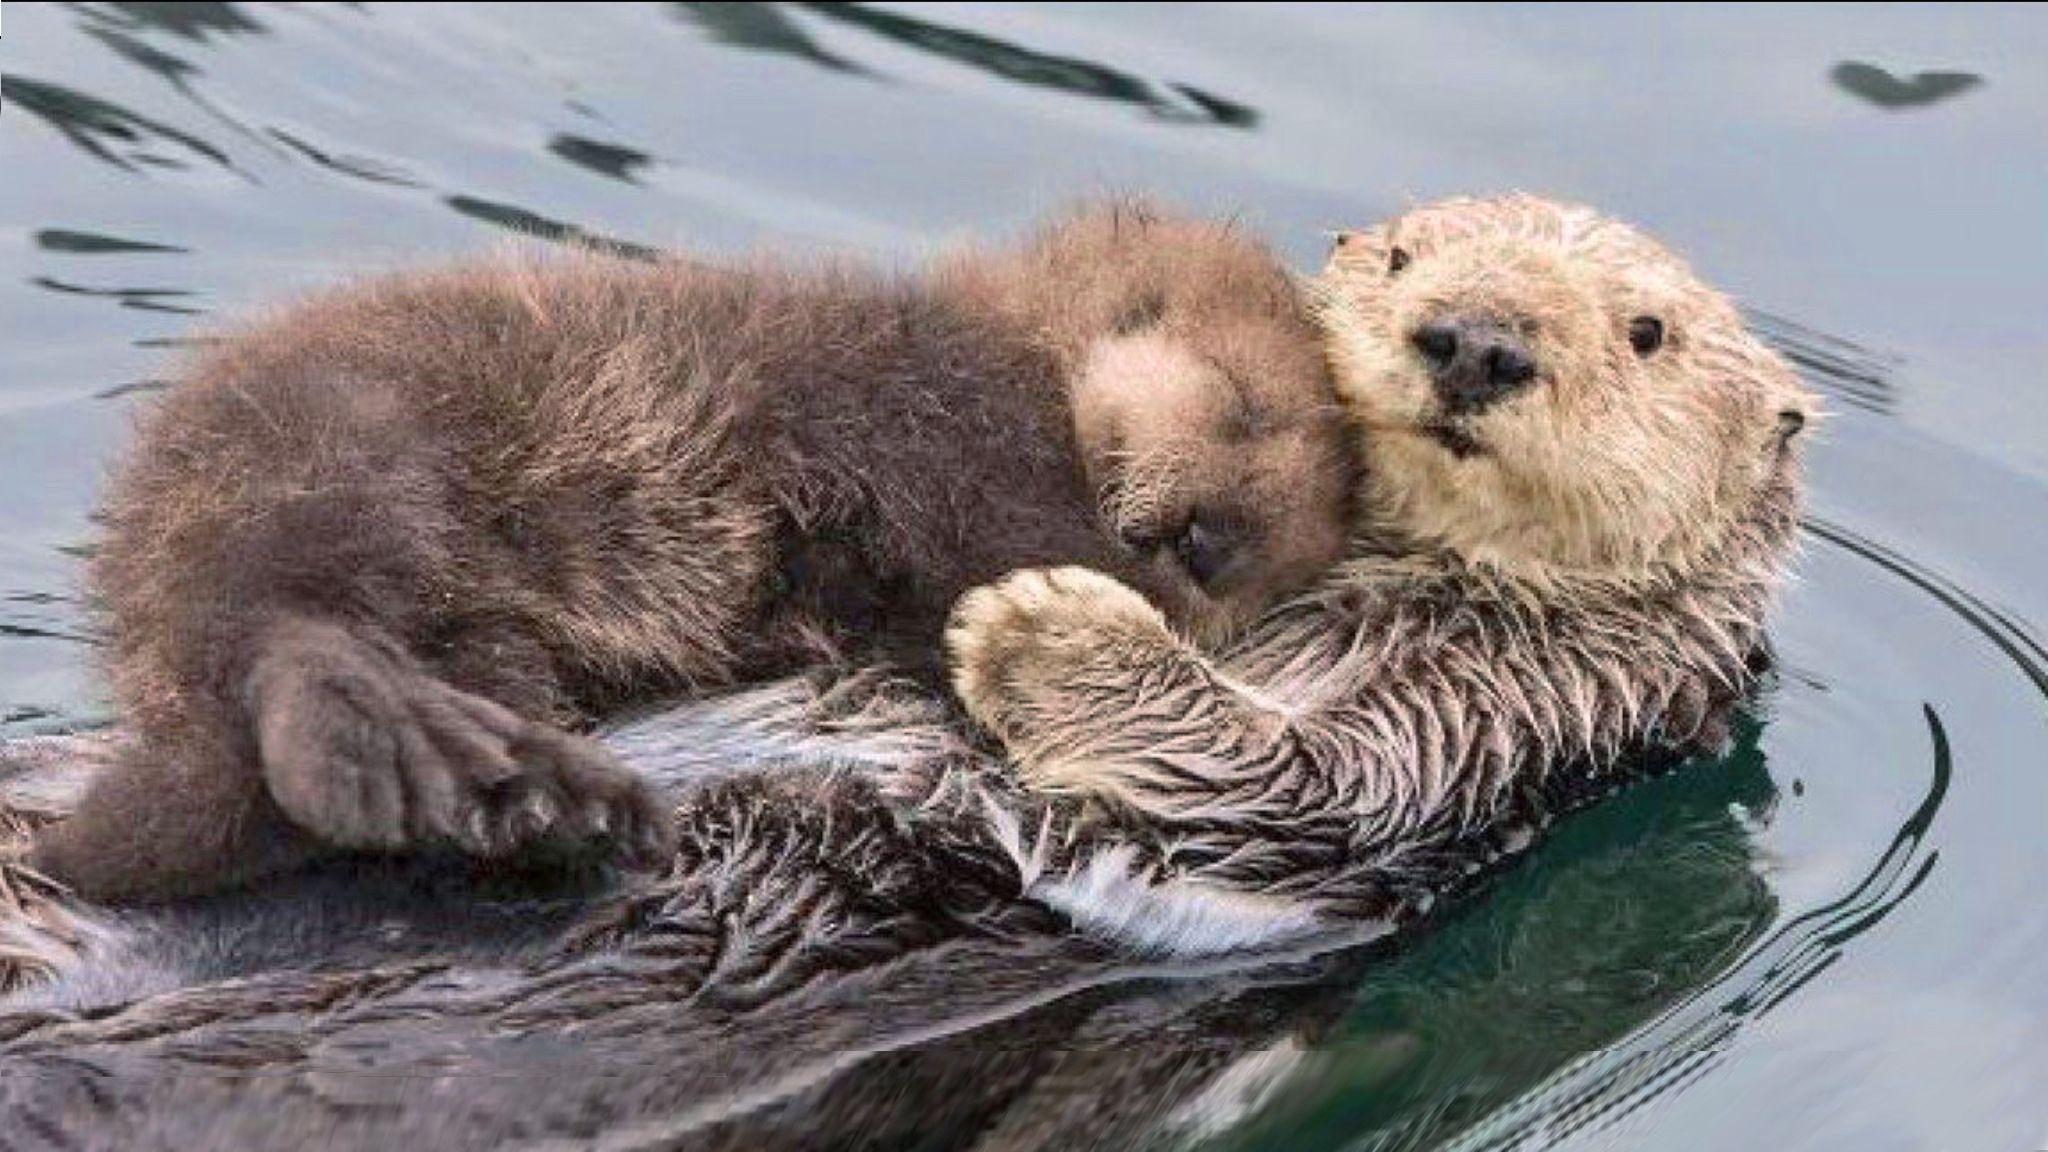 Sea Otter Cradling Her Sleeping Baby